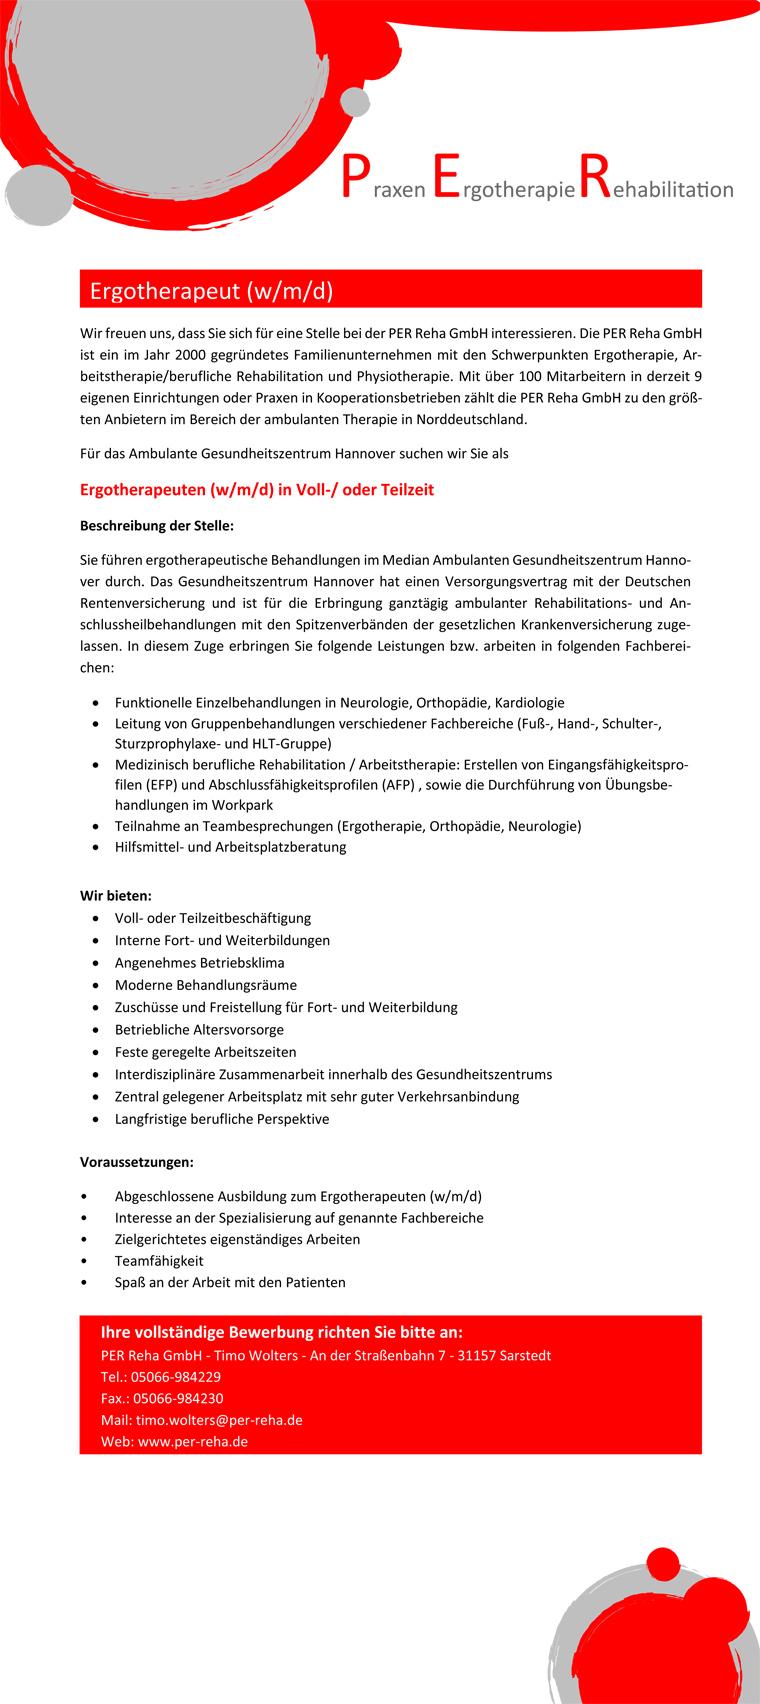 Ergotherapeut (w/m/d) in Hannover gesucht!, Ambulantes Gesundheitszentrum Hannover